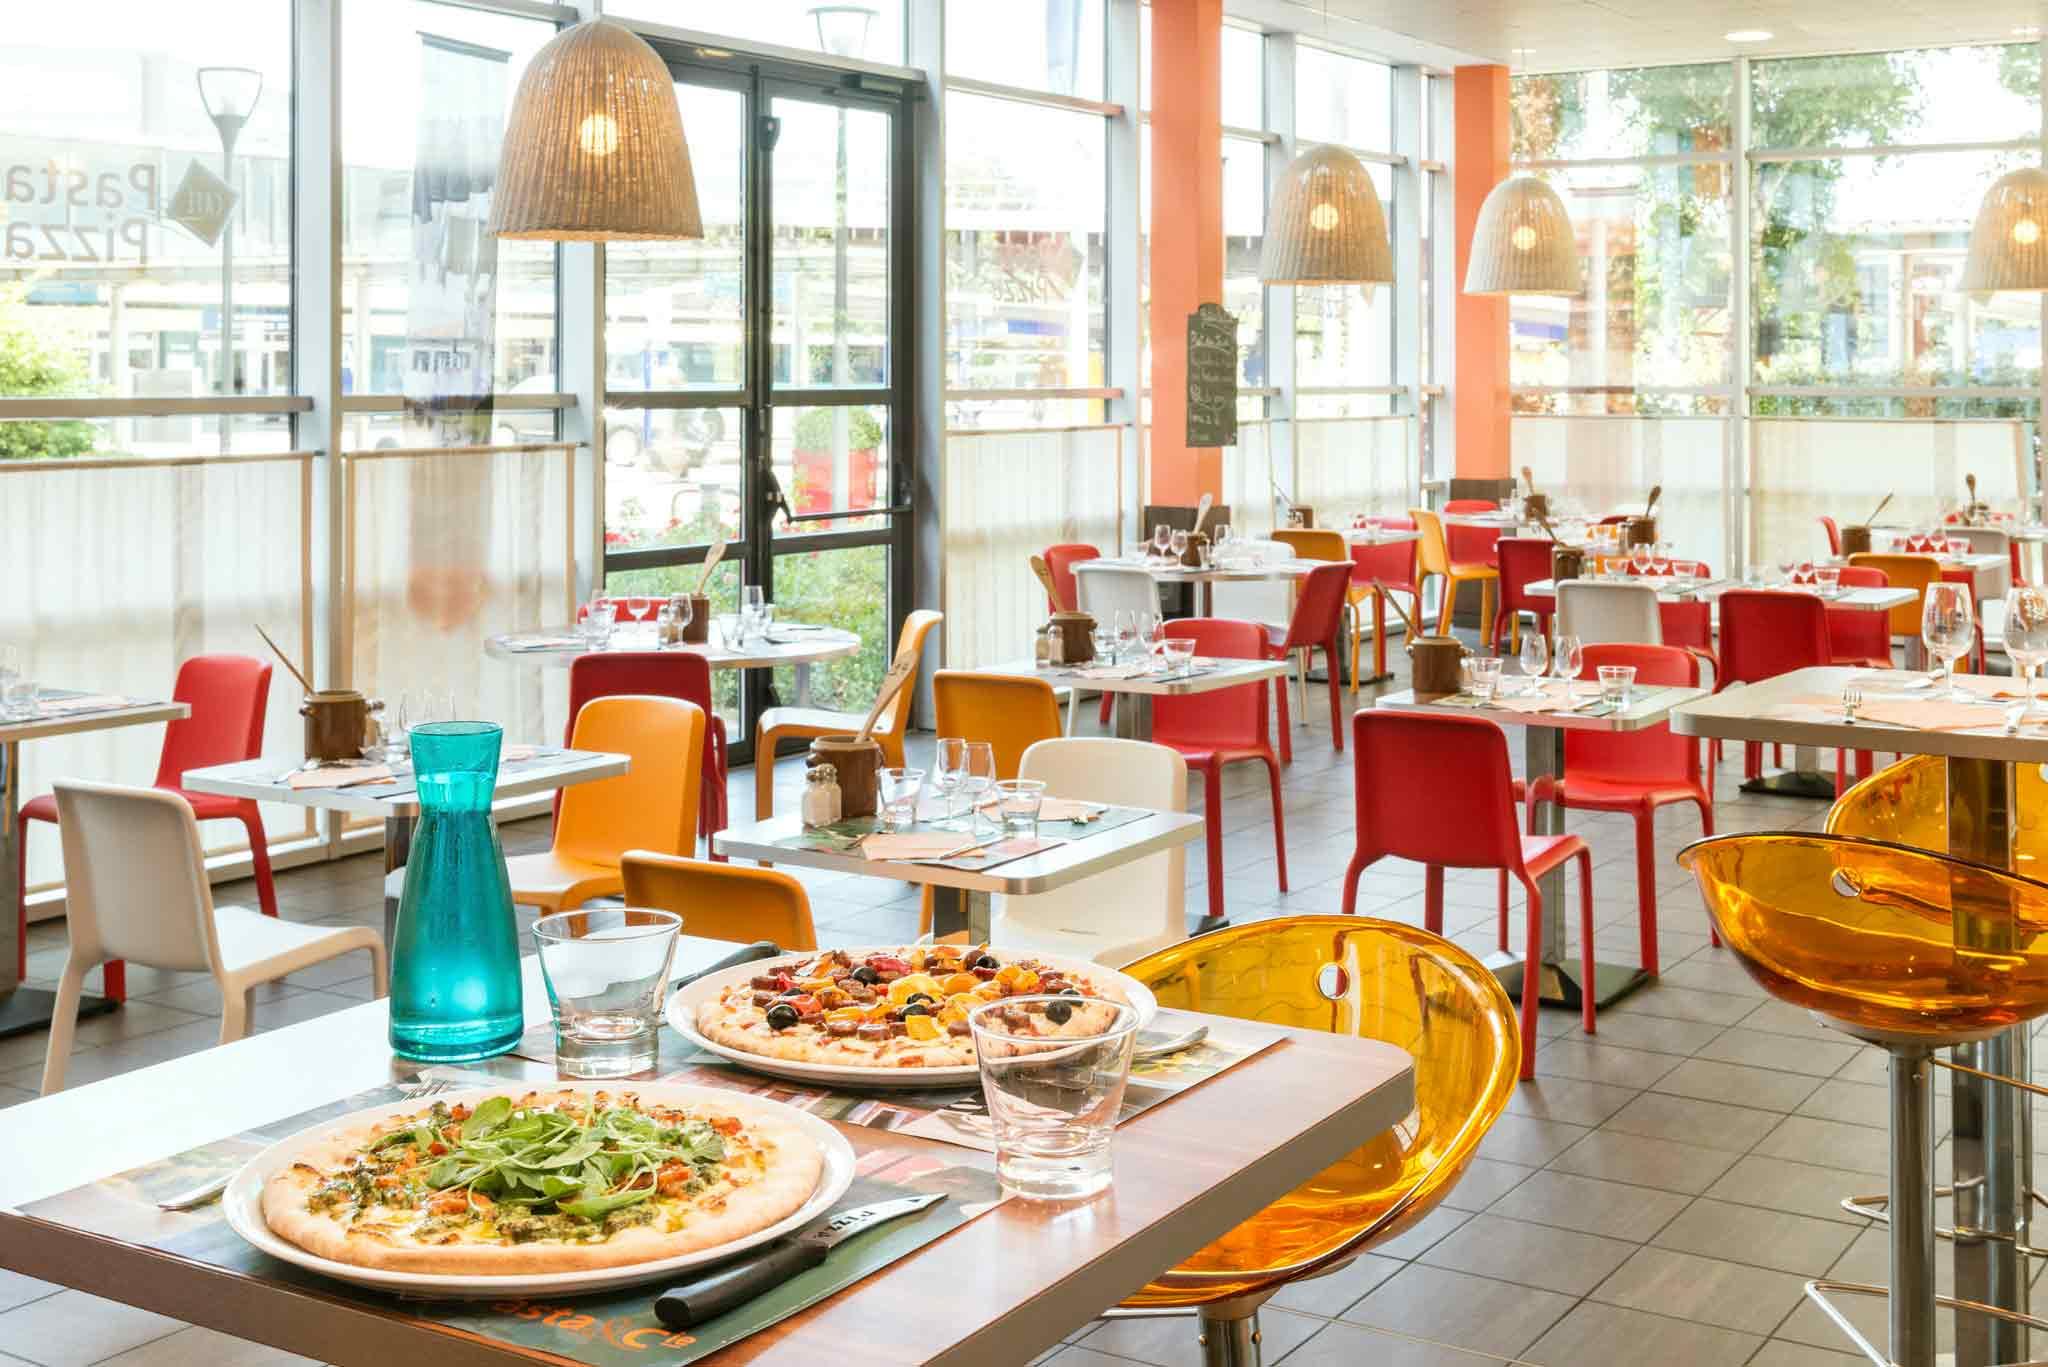 Hotel Ibis Charles de Gaulle Aéroport / Terminal Gastronomie